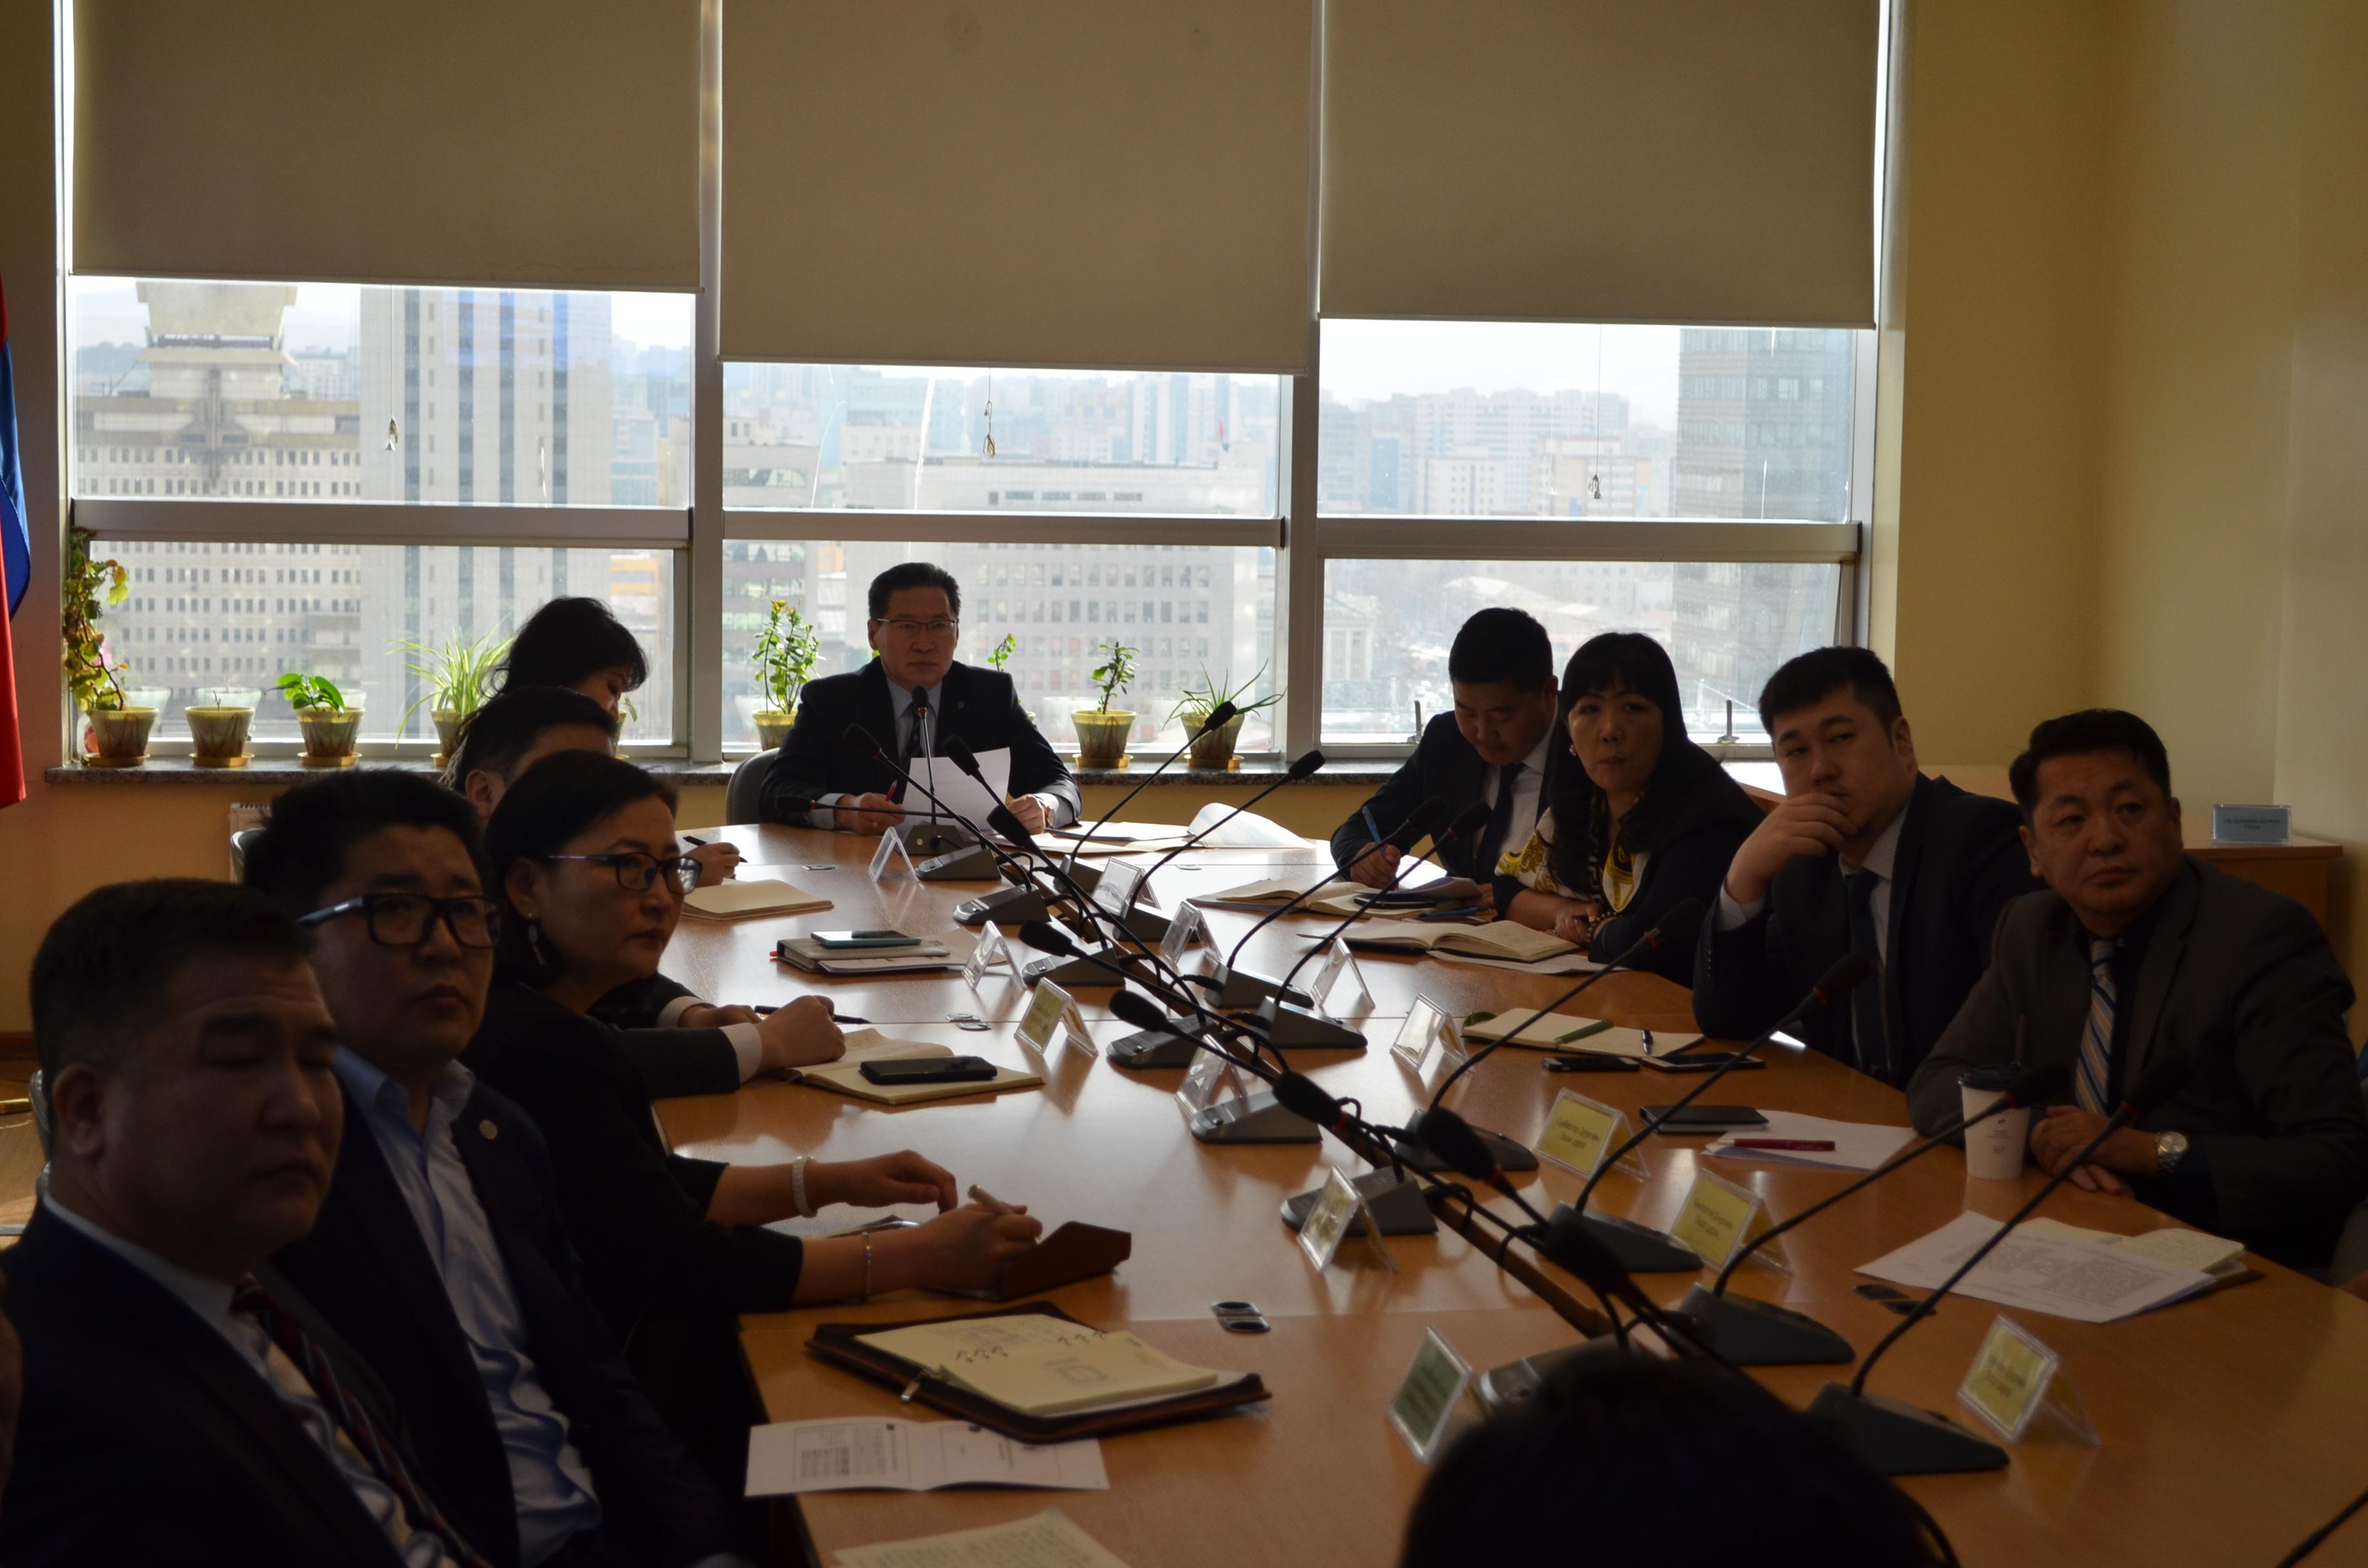 Улаанбаатар хотын Ерөнхий менежерийн 2019 оны 03 дугаар сарын 29-ны өдрийн Шуурхай зөвлөгөөнөөр өгч буй үүрэг даалгавар